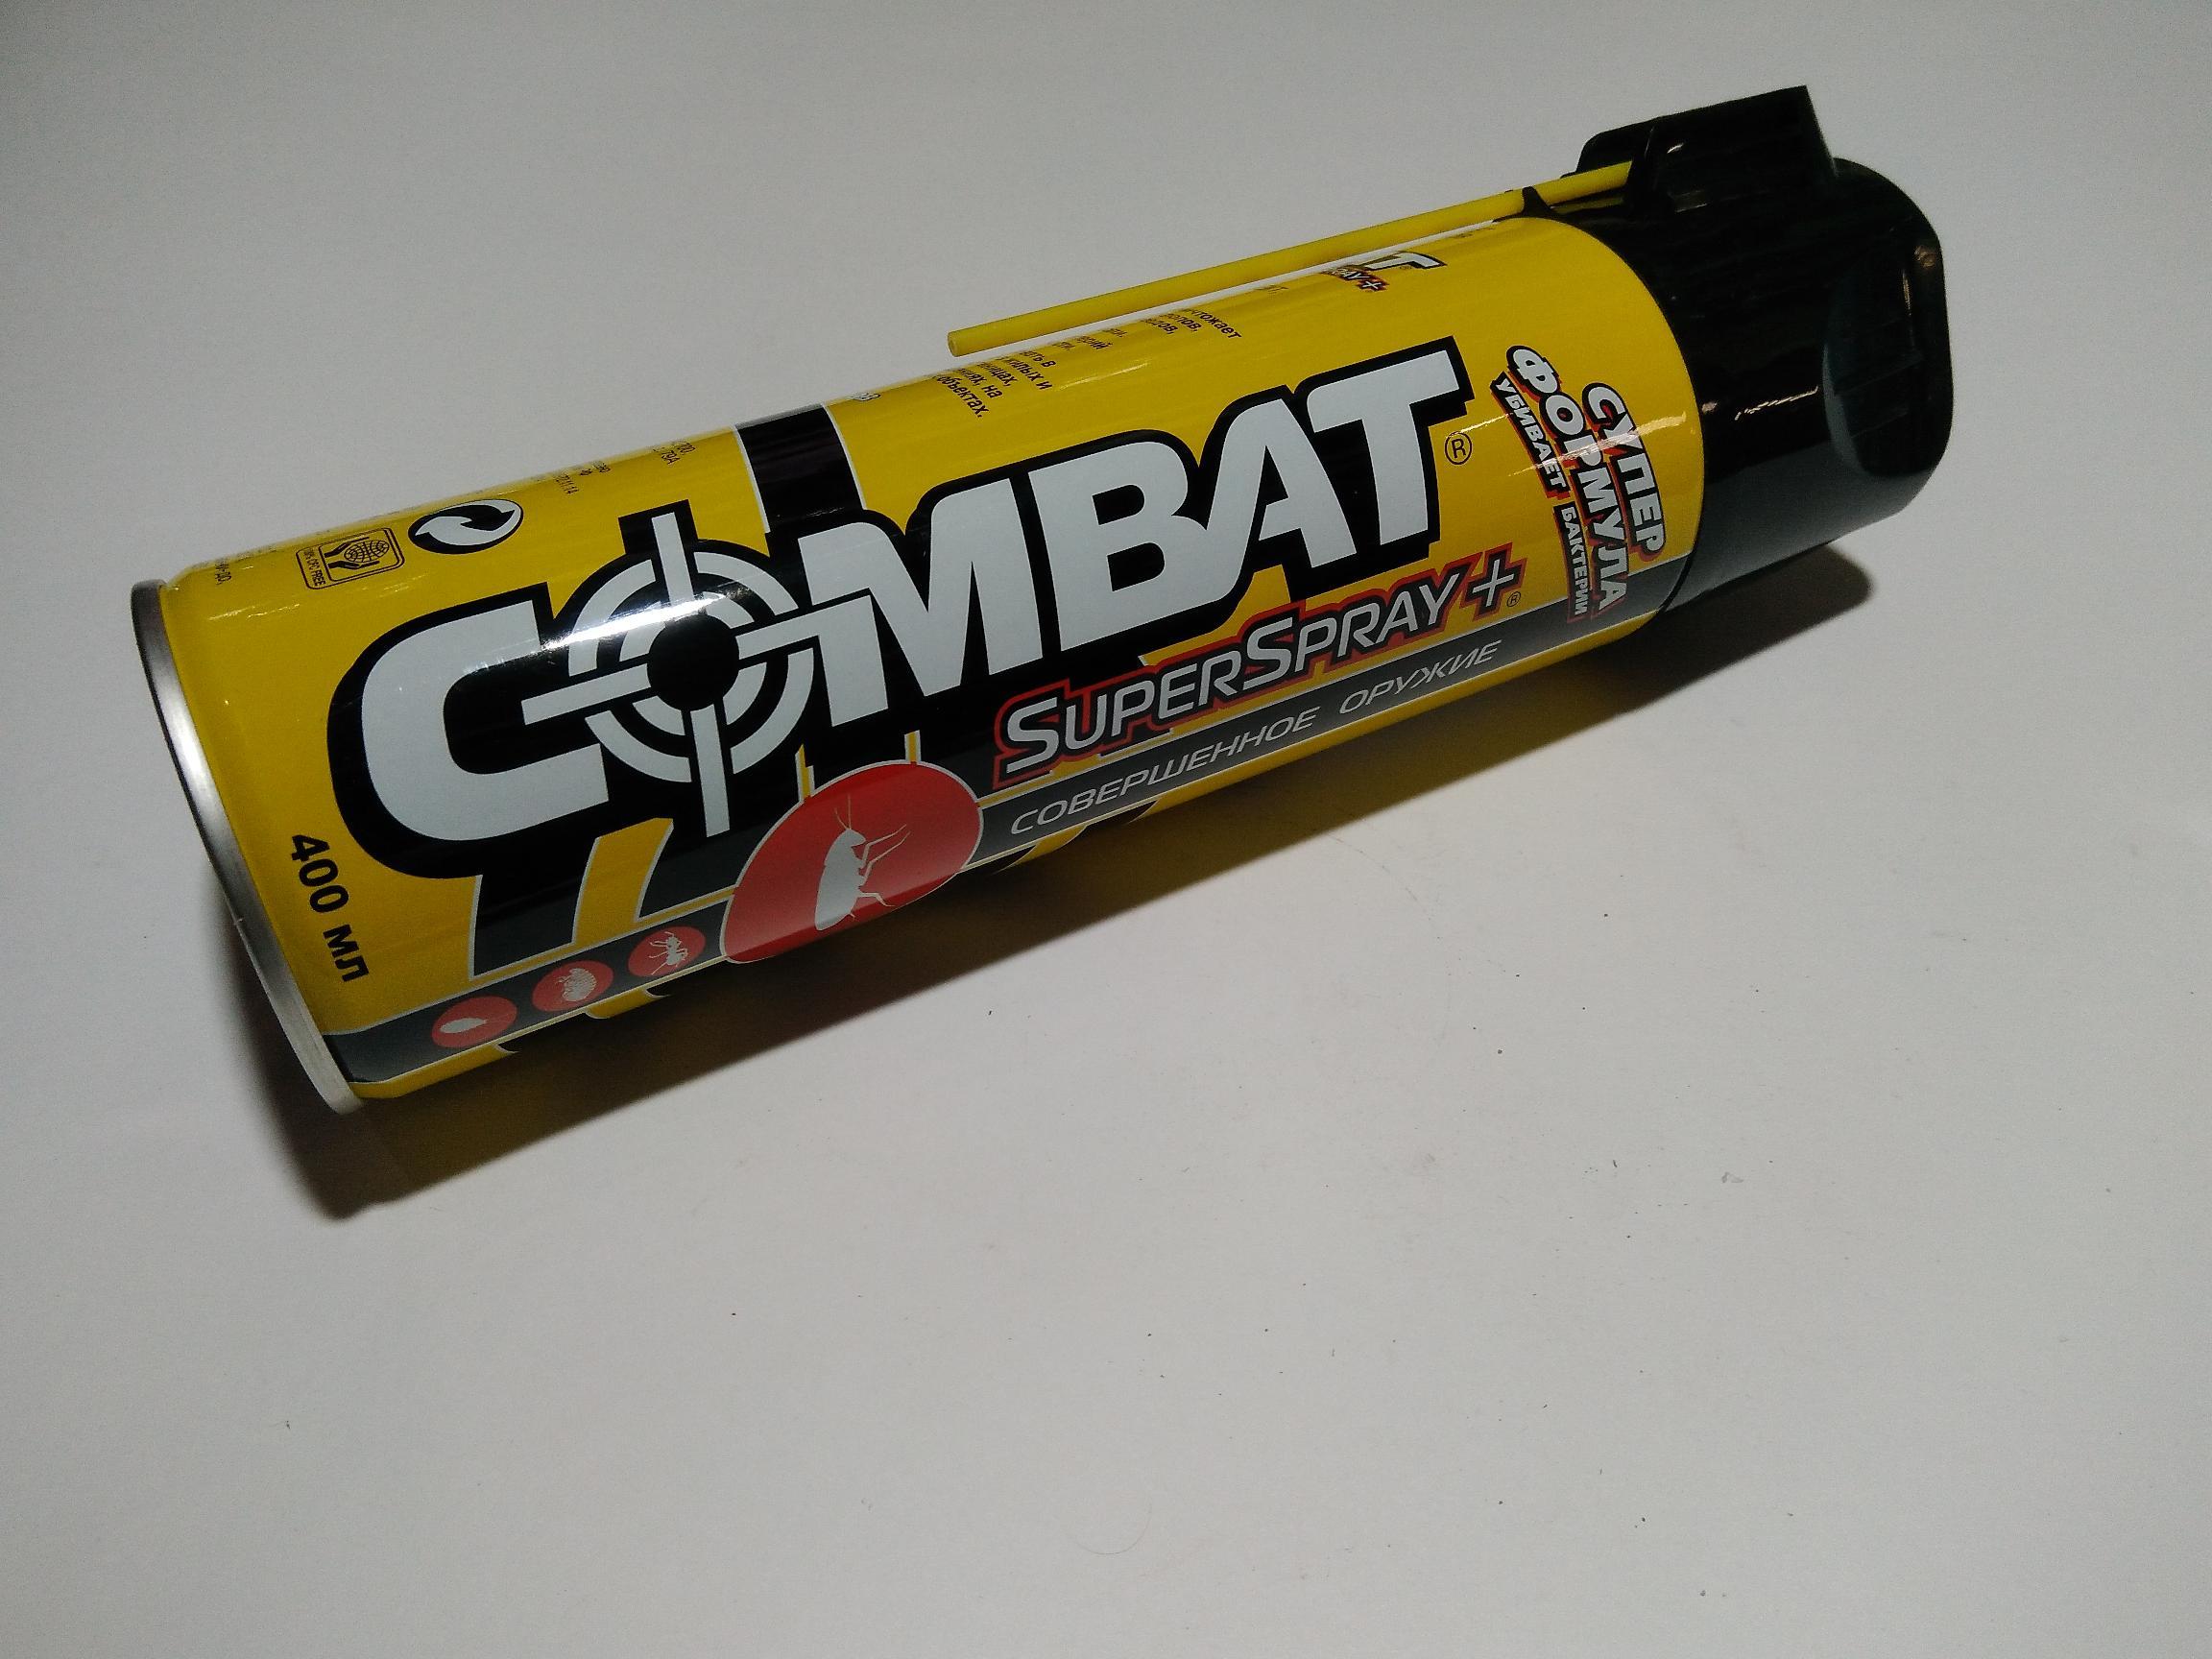 Комбат от тараканов (спрей, гель, аэрозоль): как выбрать подходящее средство, принцип действия, отзывы